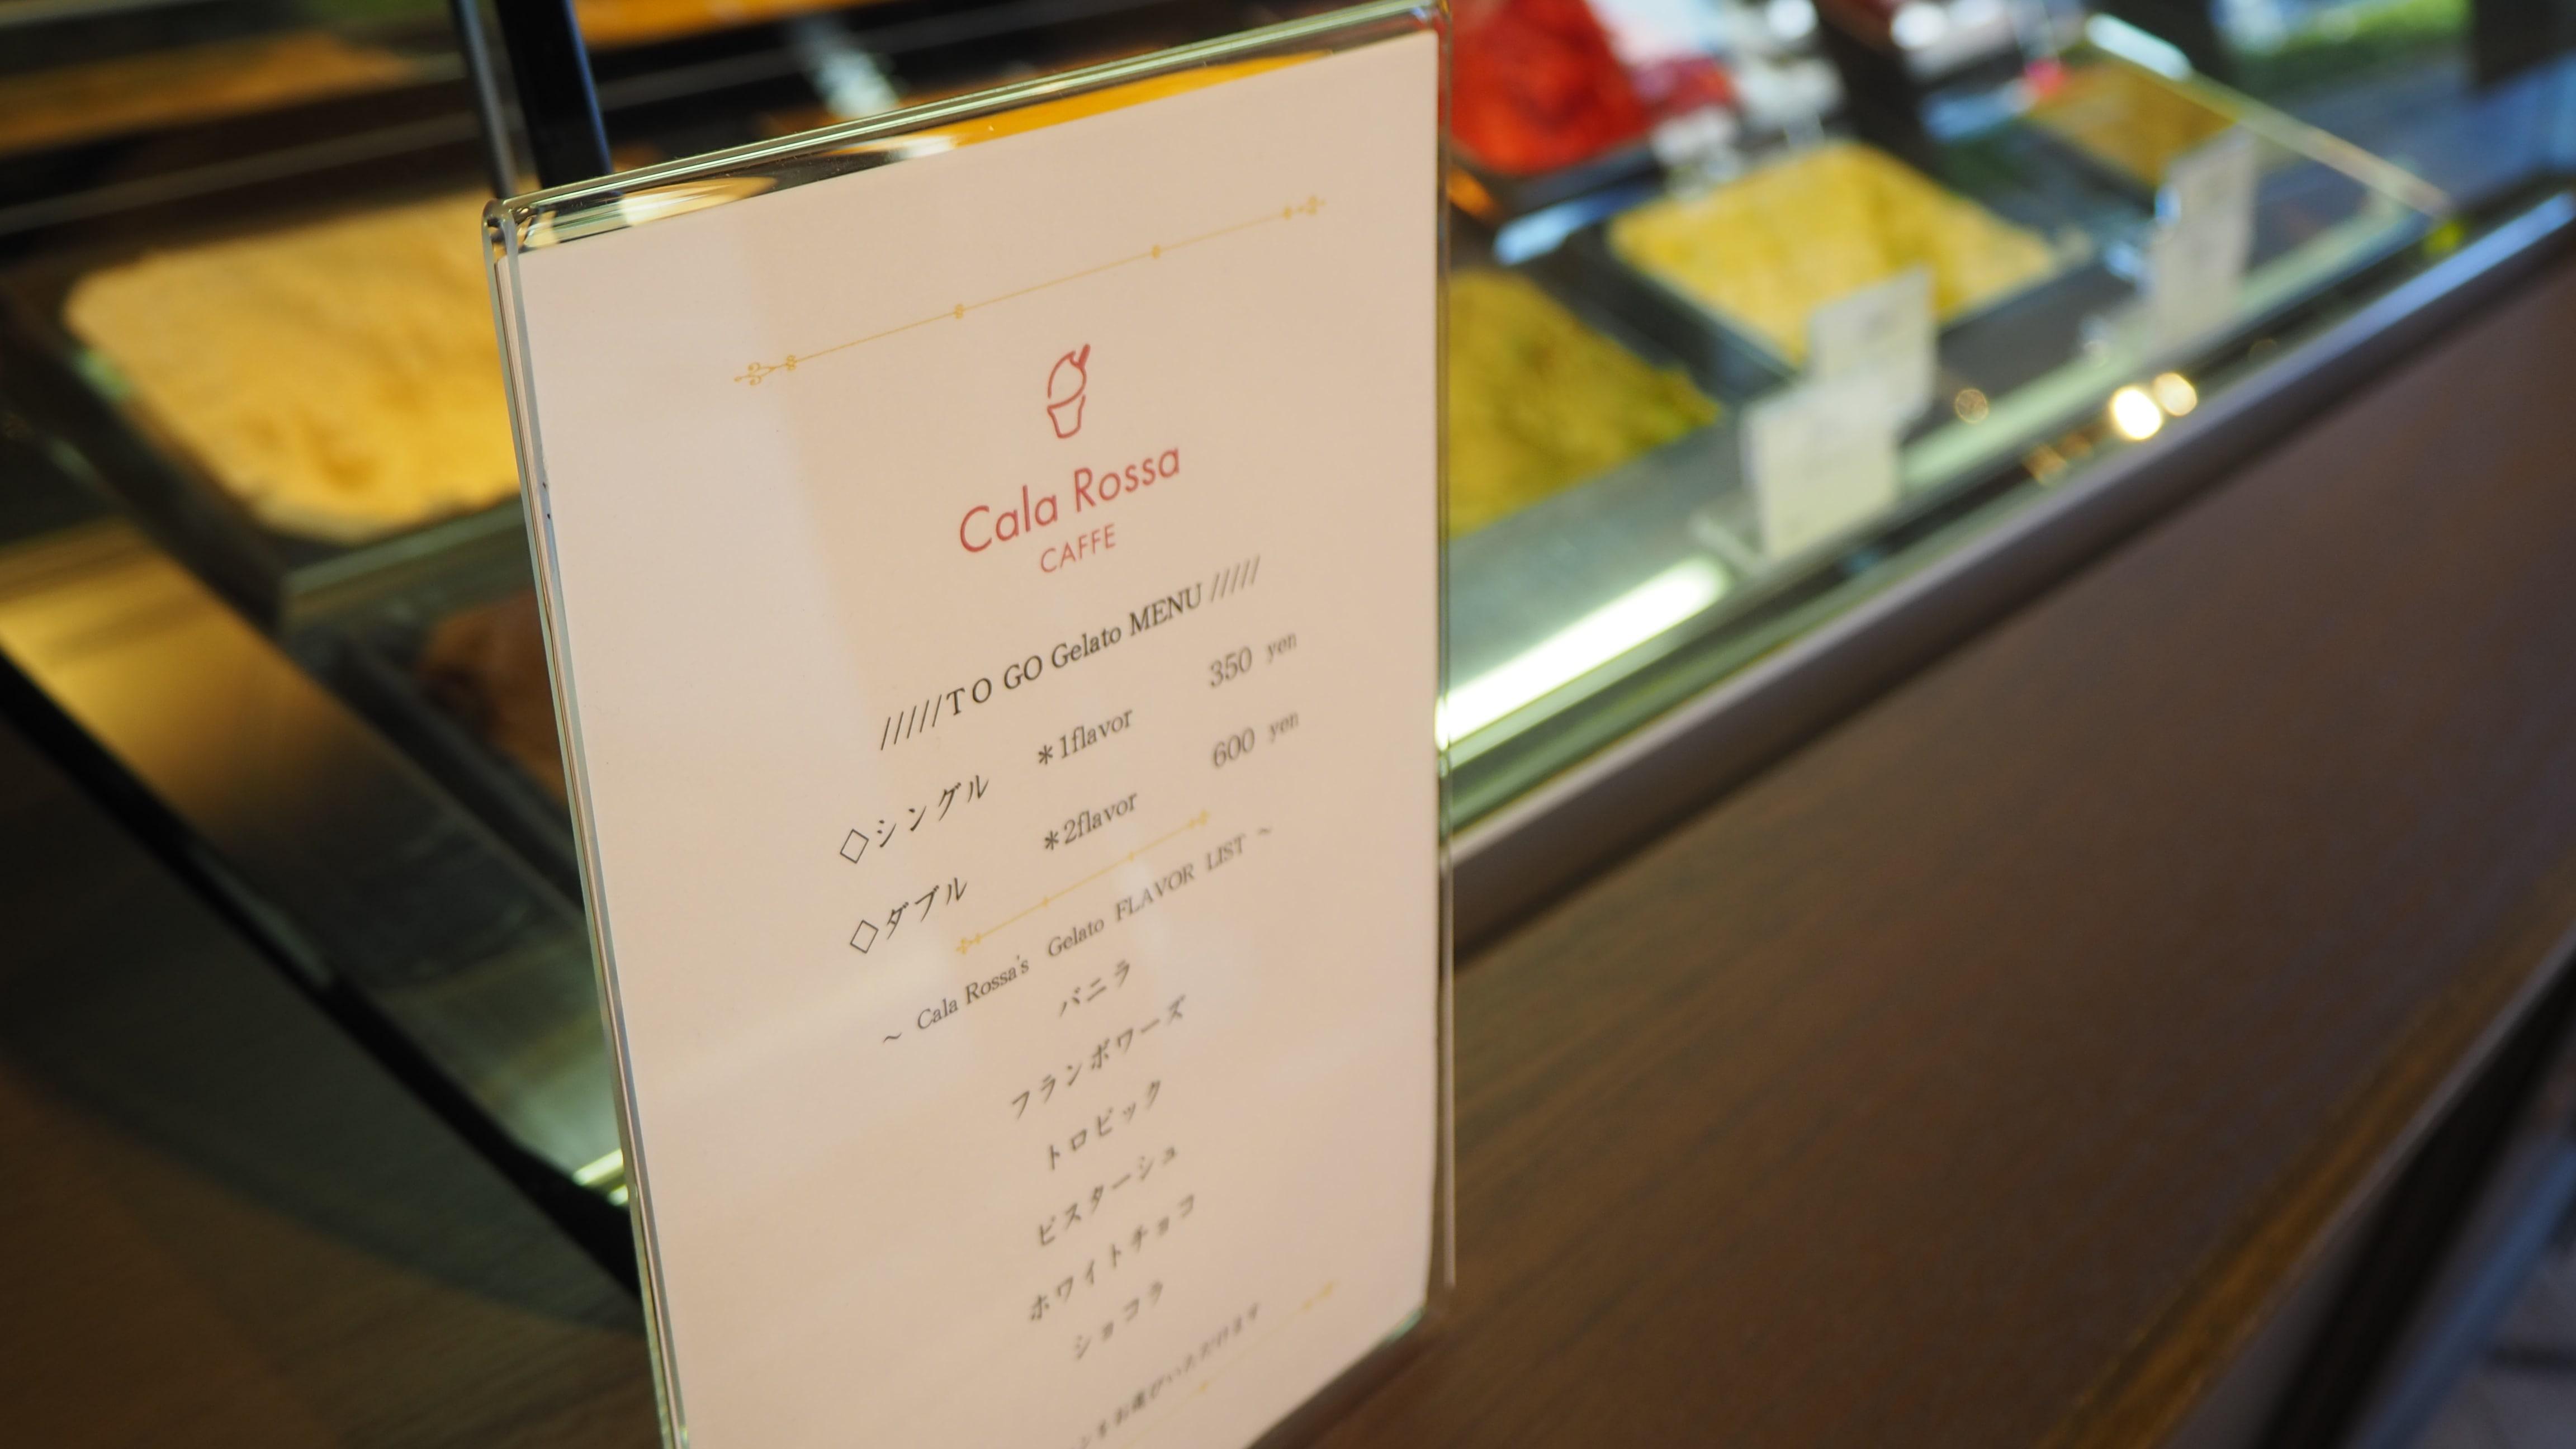 カラフルな熱帯魚があなたをお出迎え! カフェ「Cala Rossa」の贅沢なジェラート - P2100862 min